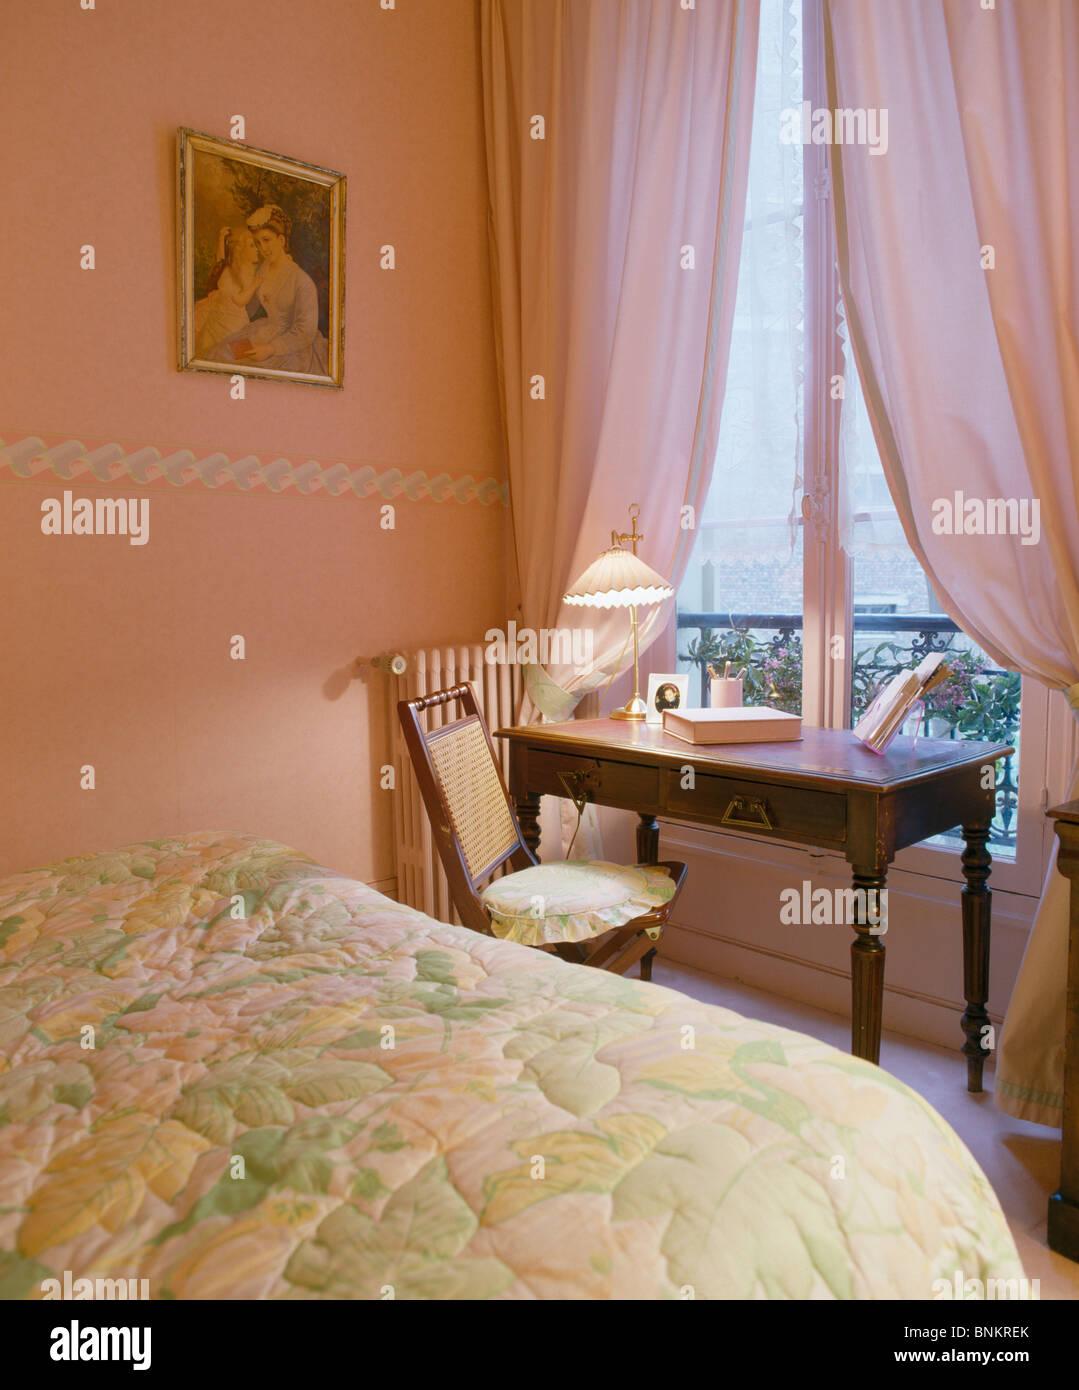 Schon Antiken Tischchen Vor Fenster Mit Rosa Vorhängen In Pfirsich Rosa  Schlafzimmer Mit Blumen Quilt Auf Bett